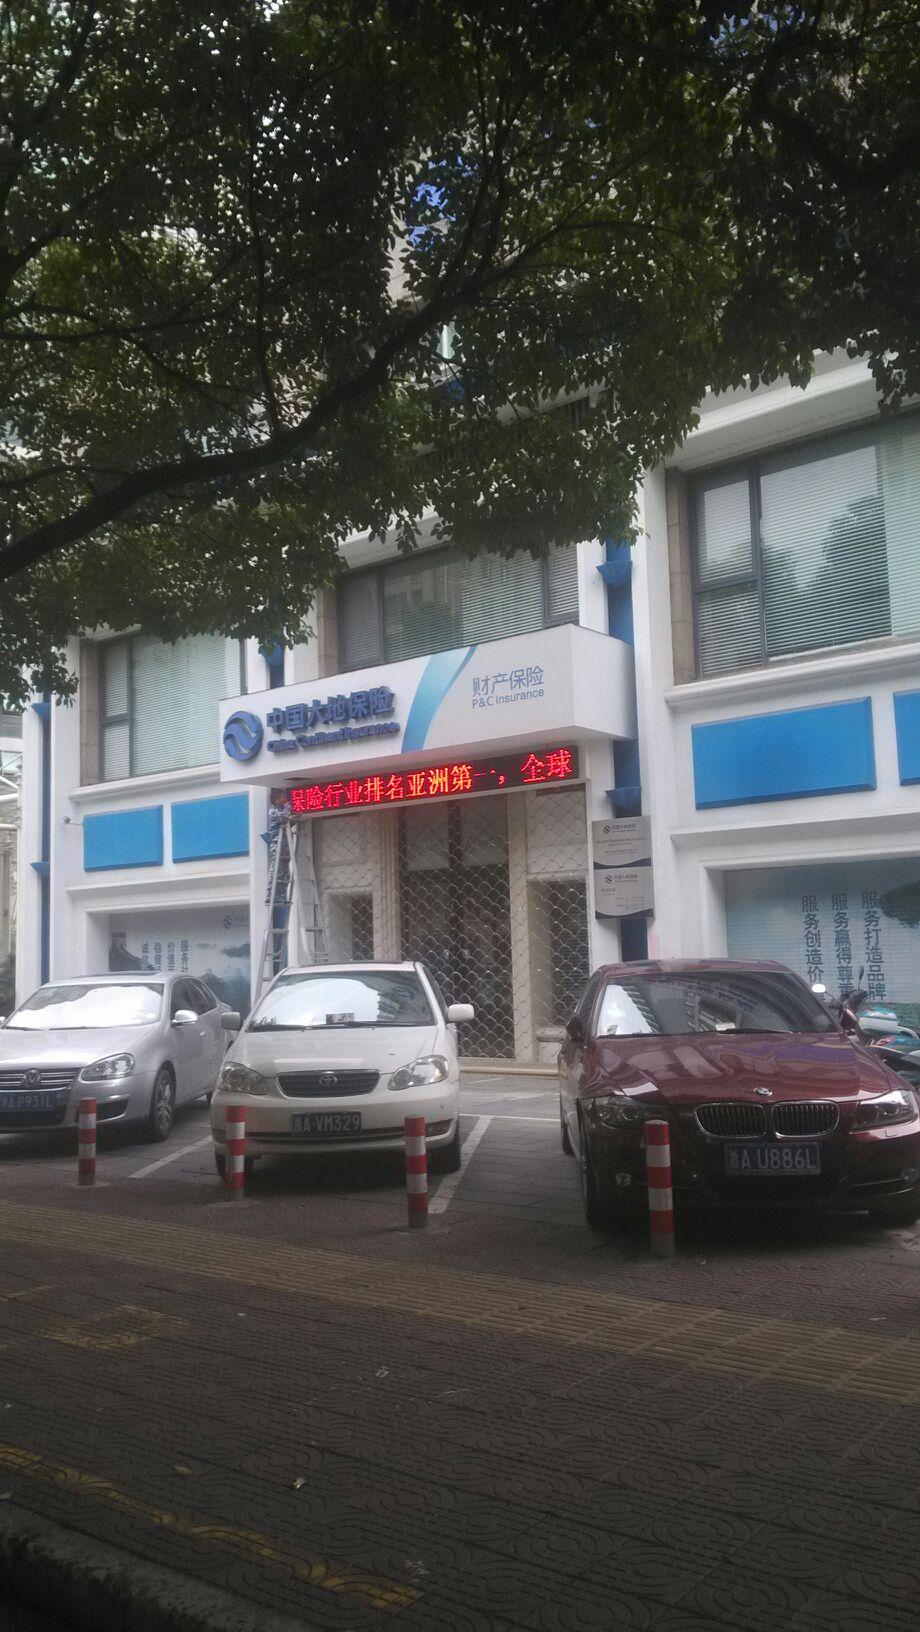 大地保险(萧山中心支公司)